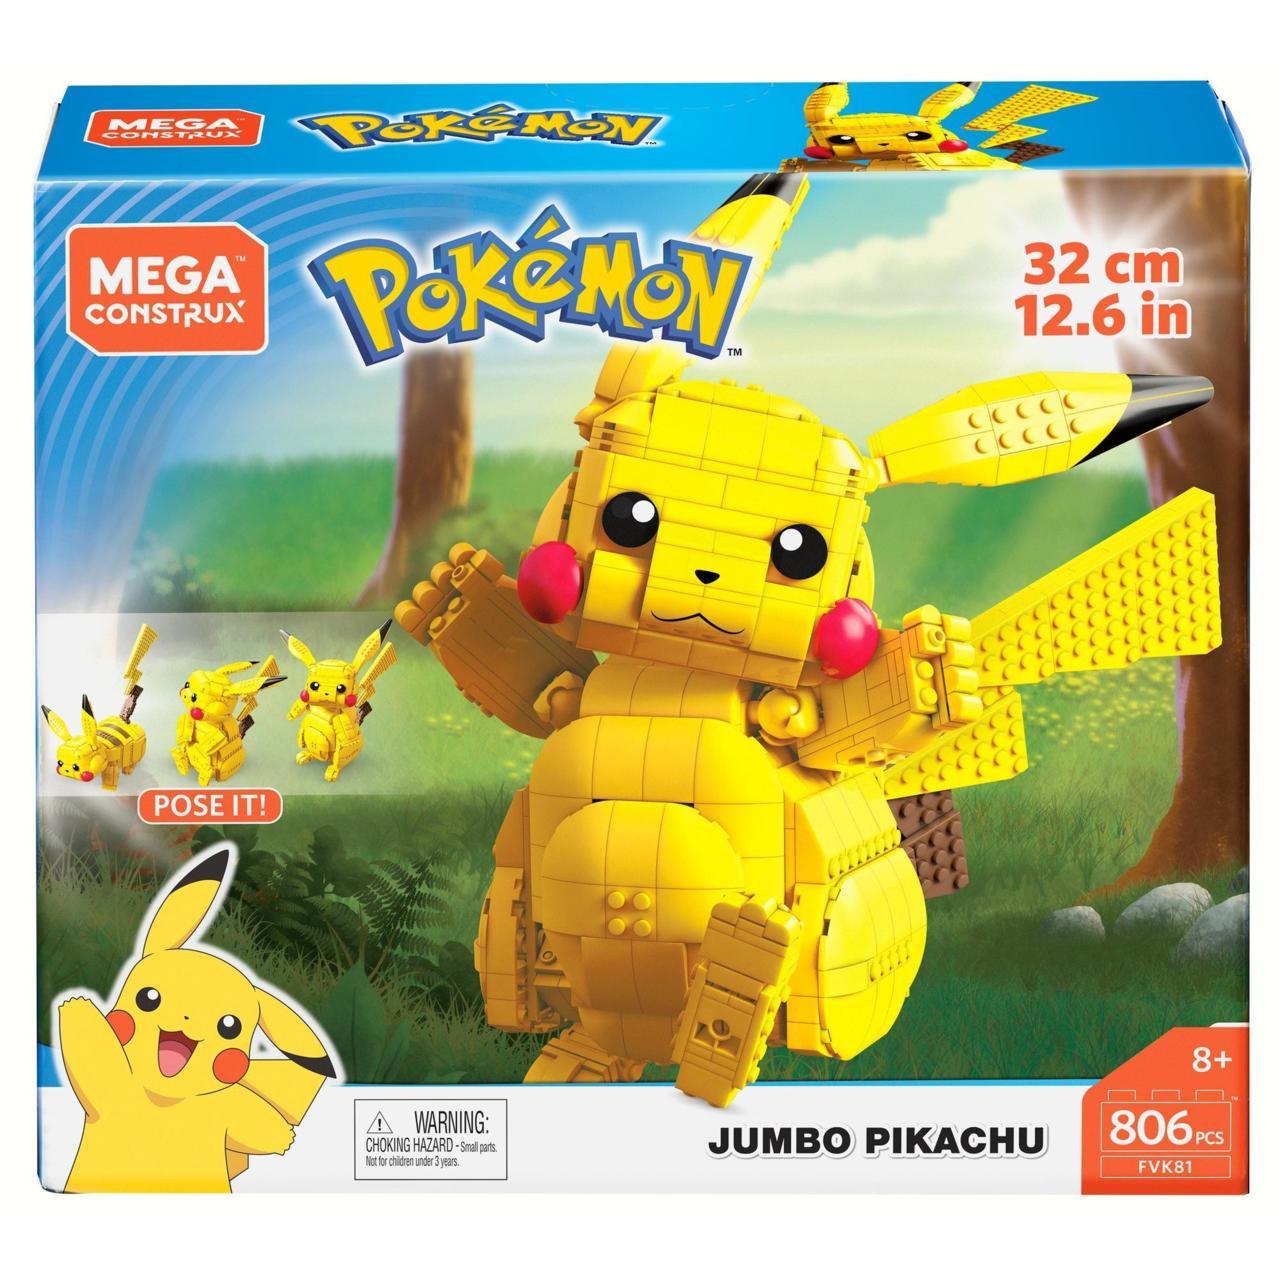 Mega Construx Pokemon: Jumbo Pikachu figure